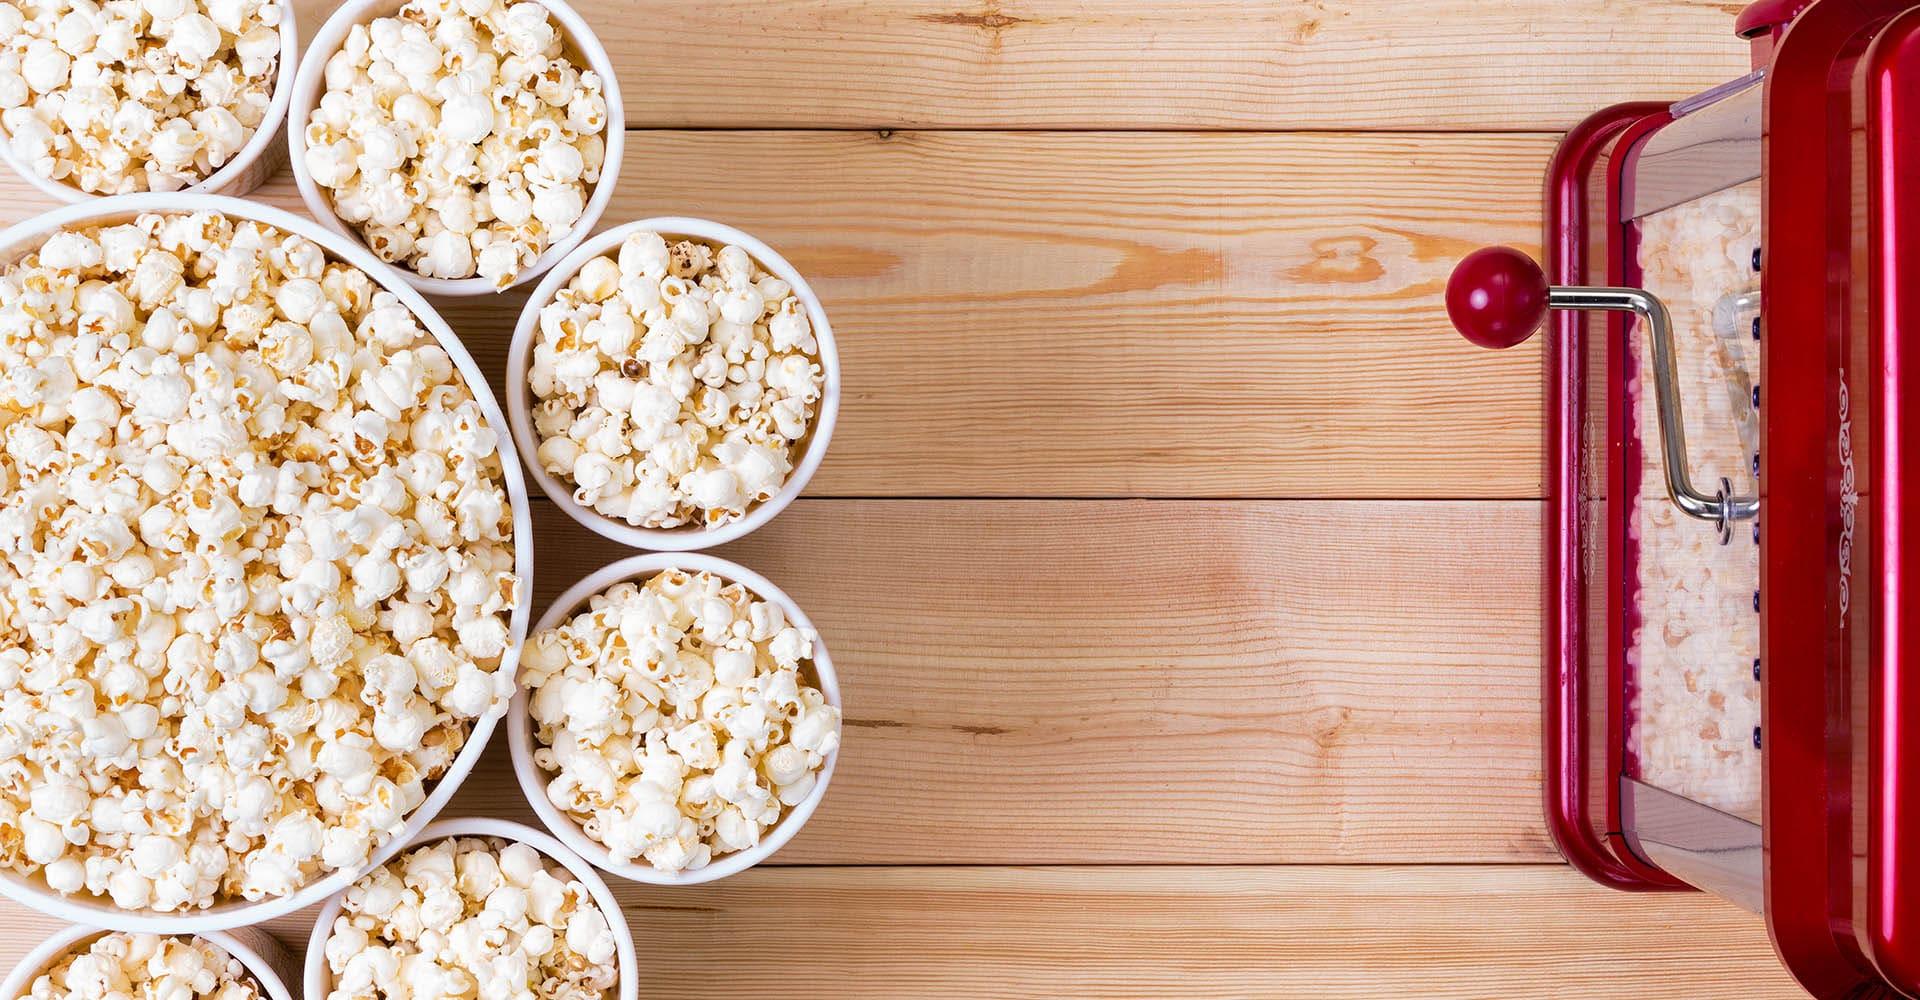 Popcornmaschine vor Kino-Eimern mit Popcorn